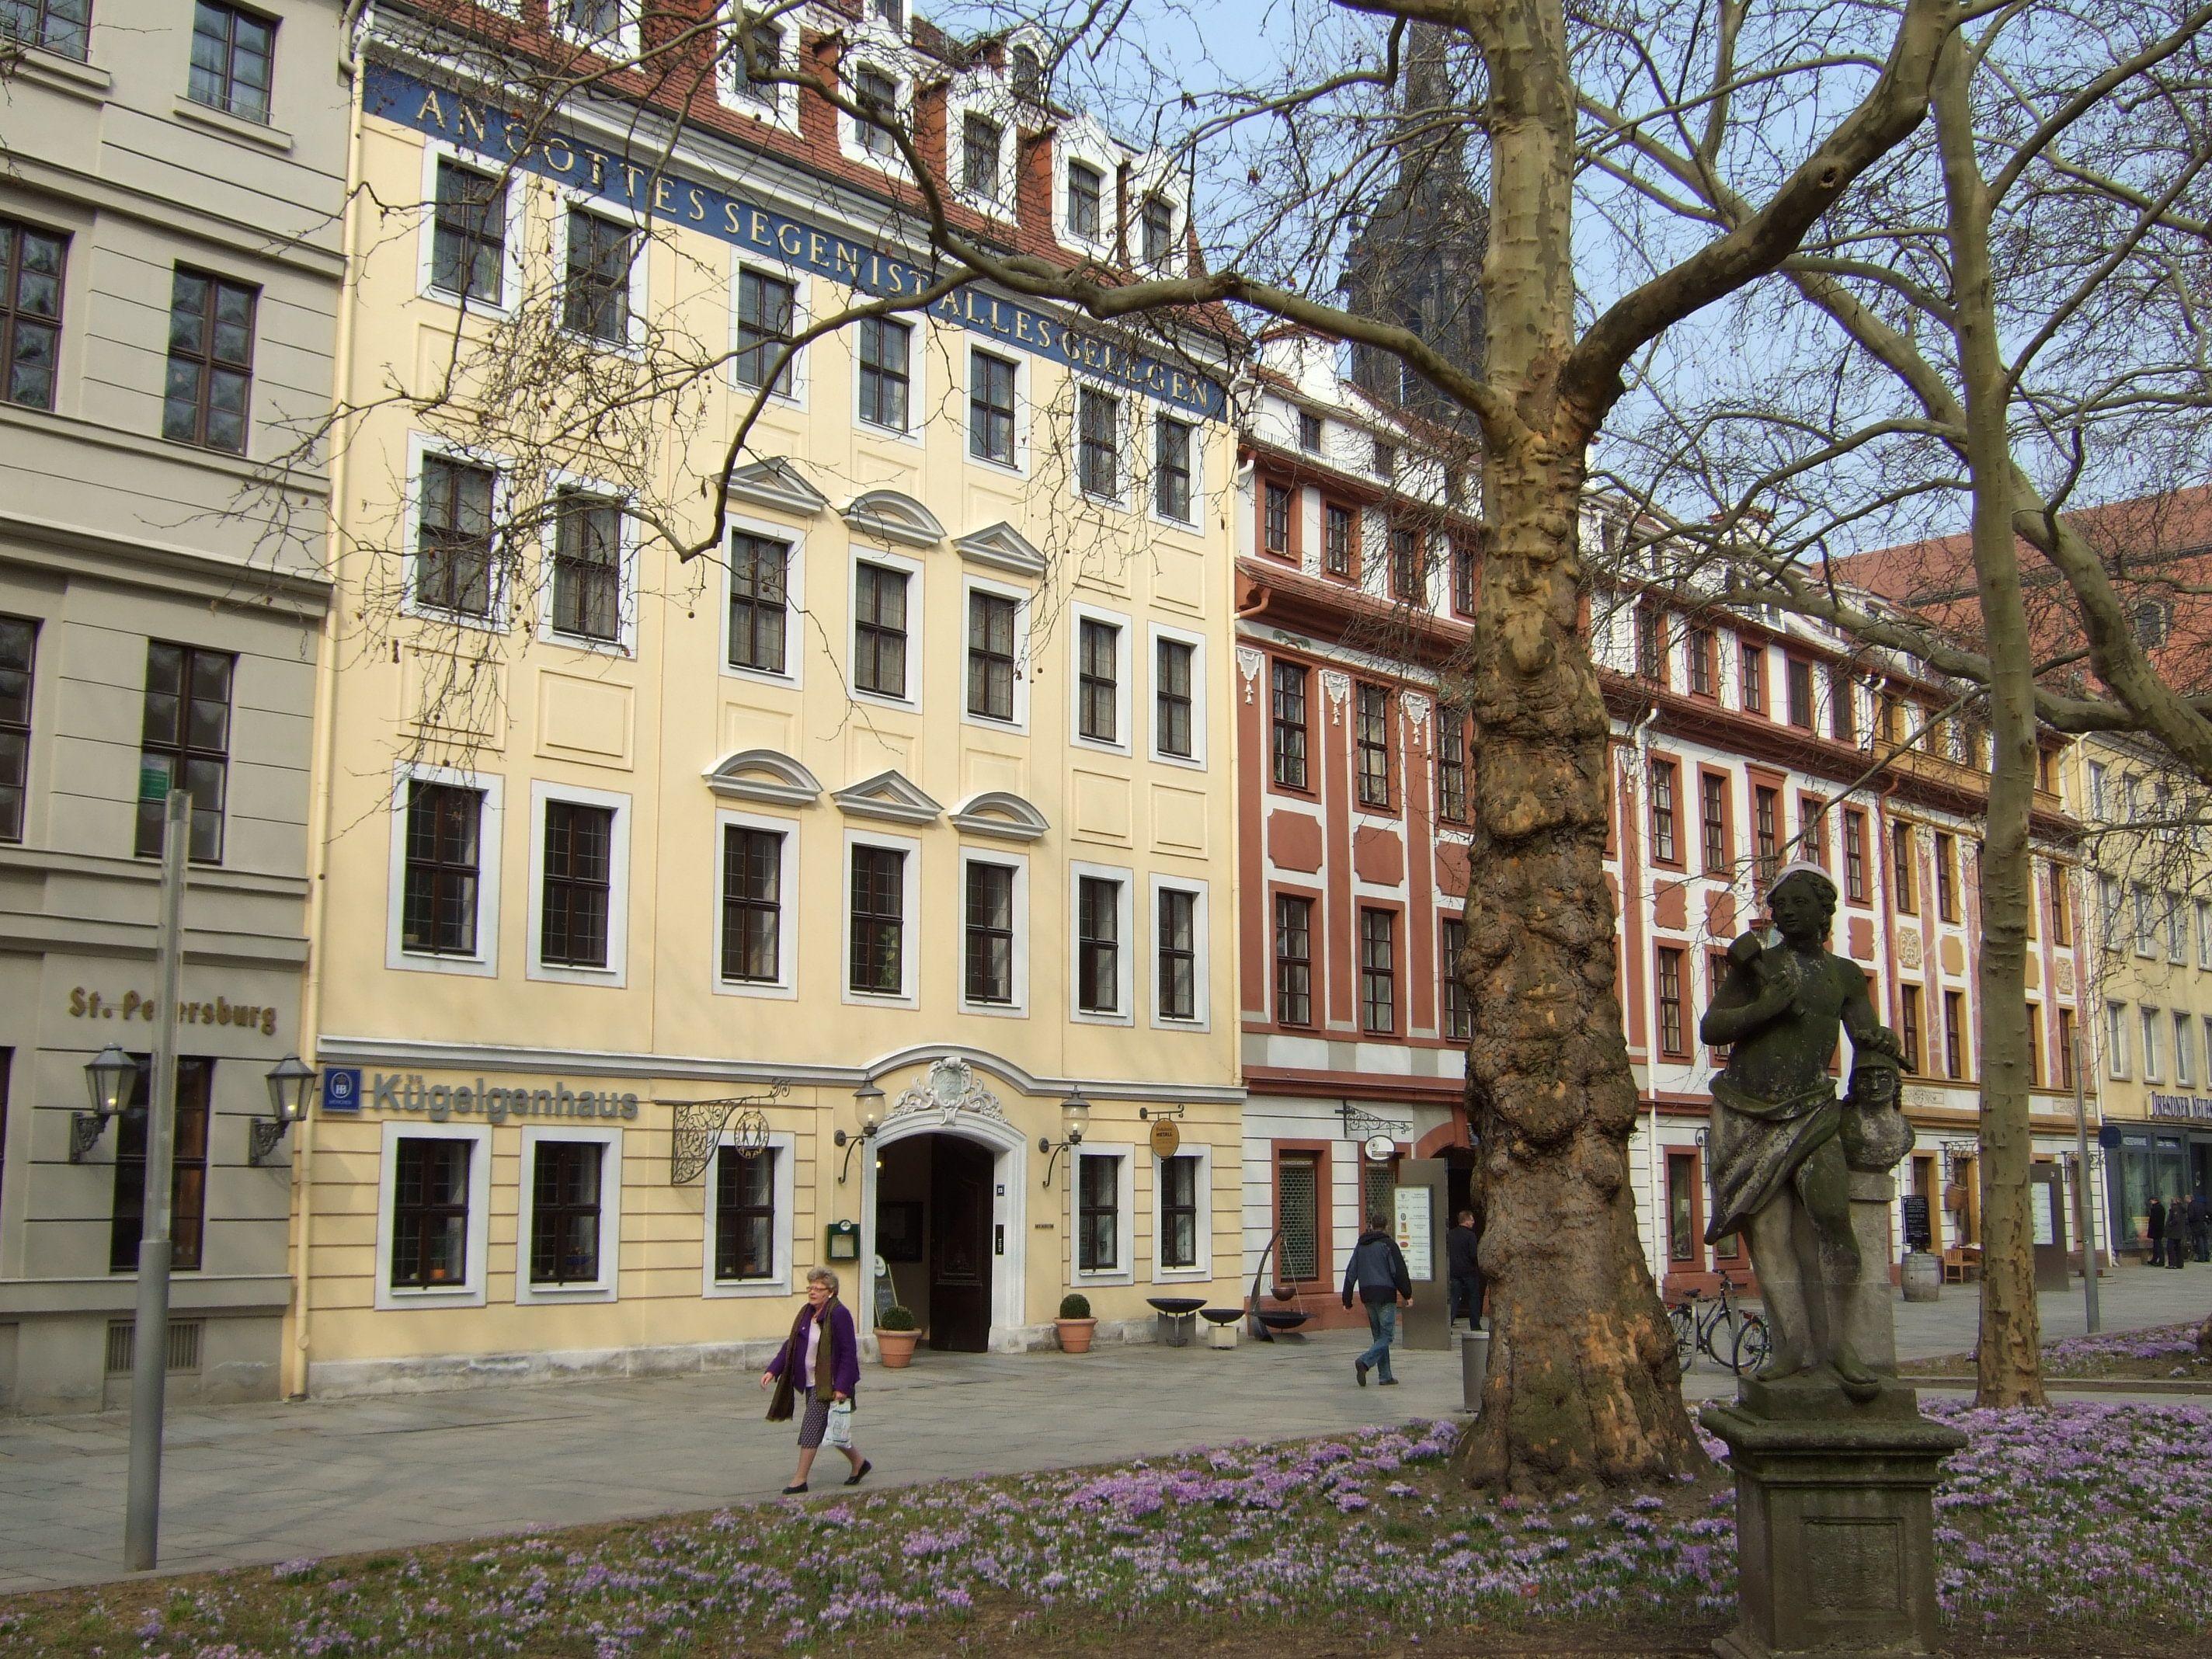 Das Kügelgenhaus auf der Dresdner Hauptstraße.